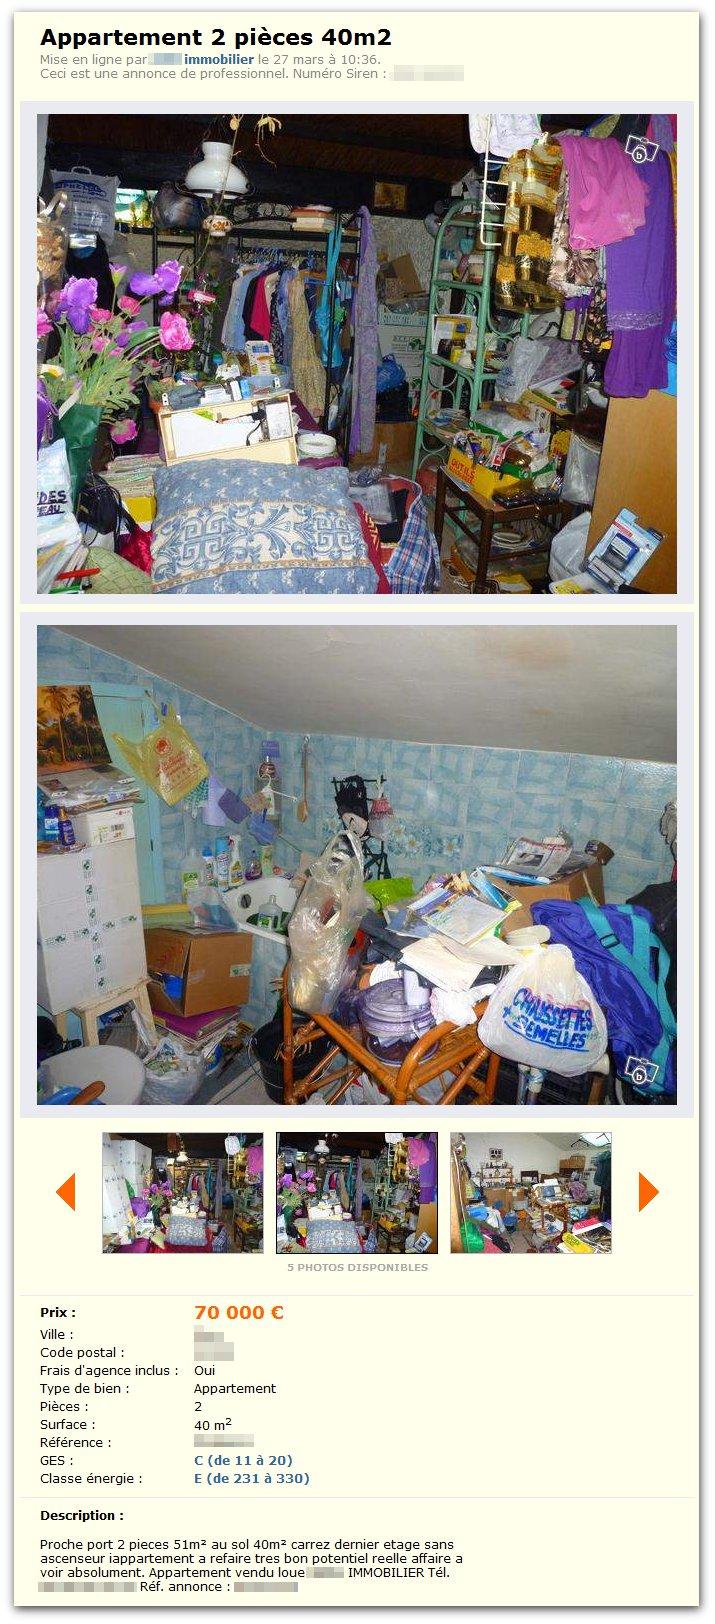 A vendre: Appartement 2 pièces 40m2